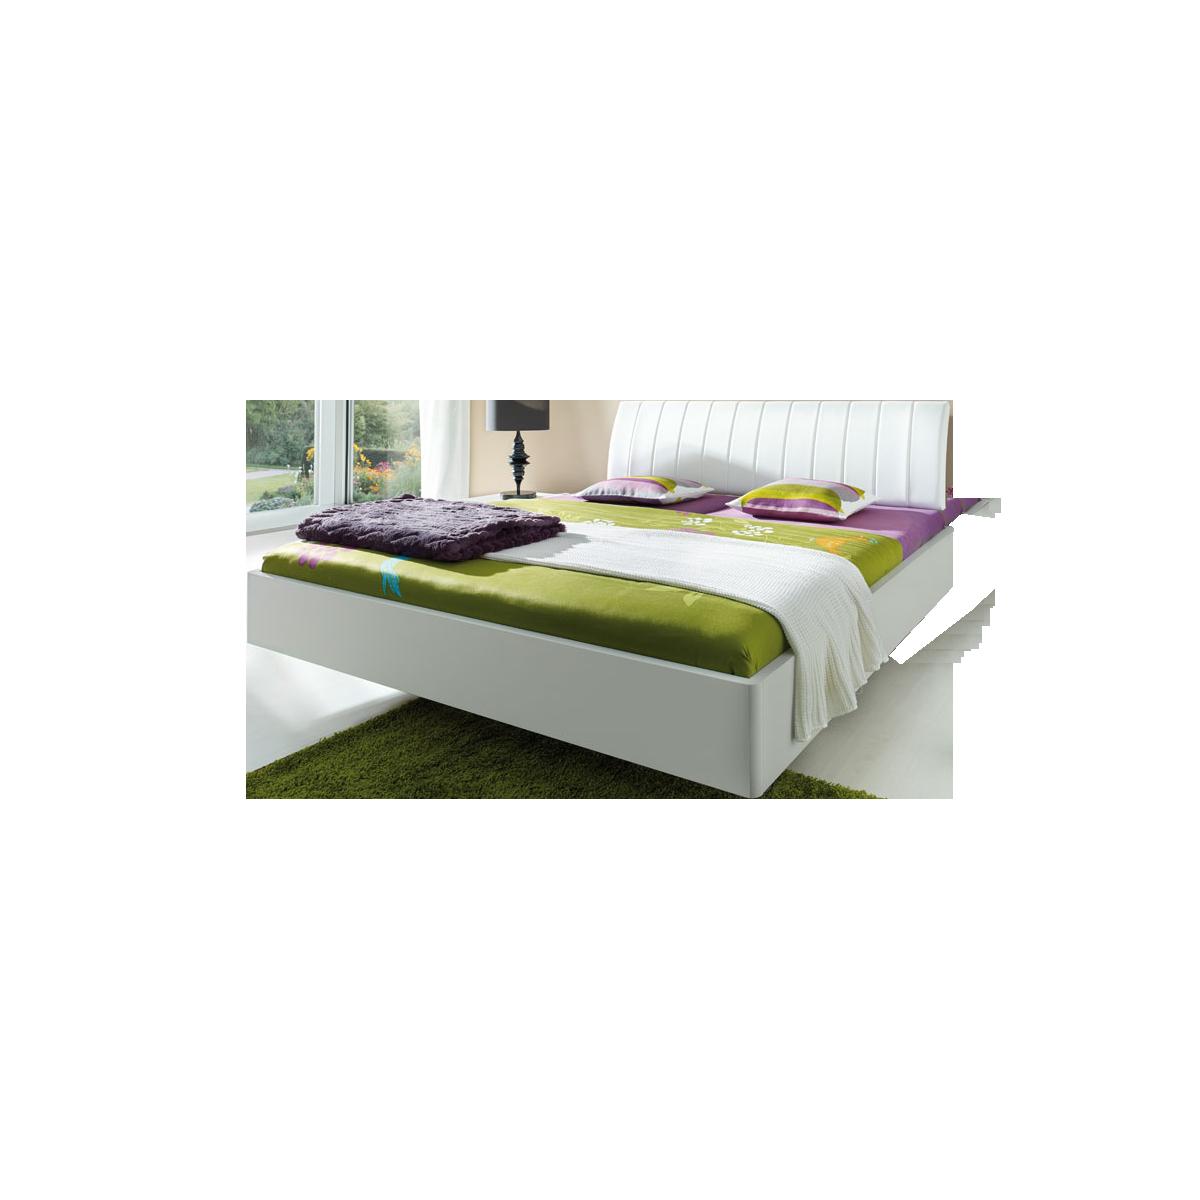 Full Size of Nolte Betten Mbel Sonyo Bett 2 Mit Polsterrckenlehne In Schwebender Optik Oschmann Französische Runde 140x200 Für Teenager Breckle Münster 160x200 Küche Bett Nolte Betten